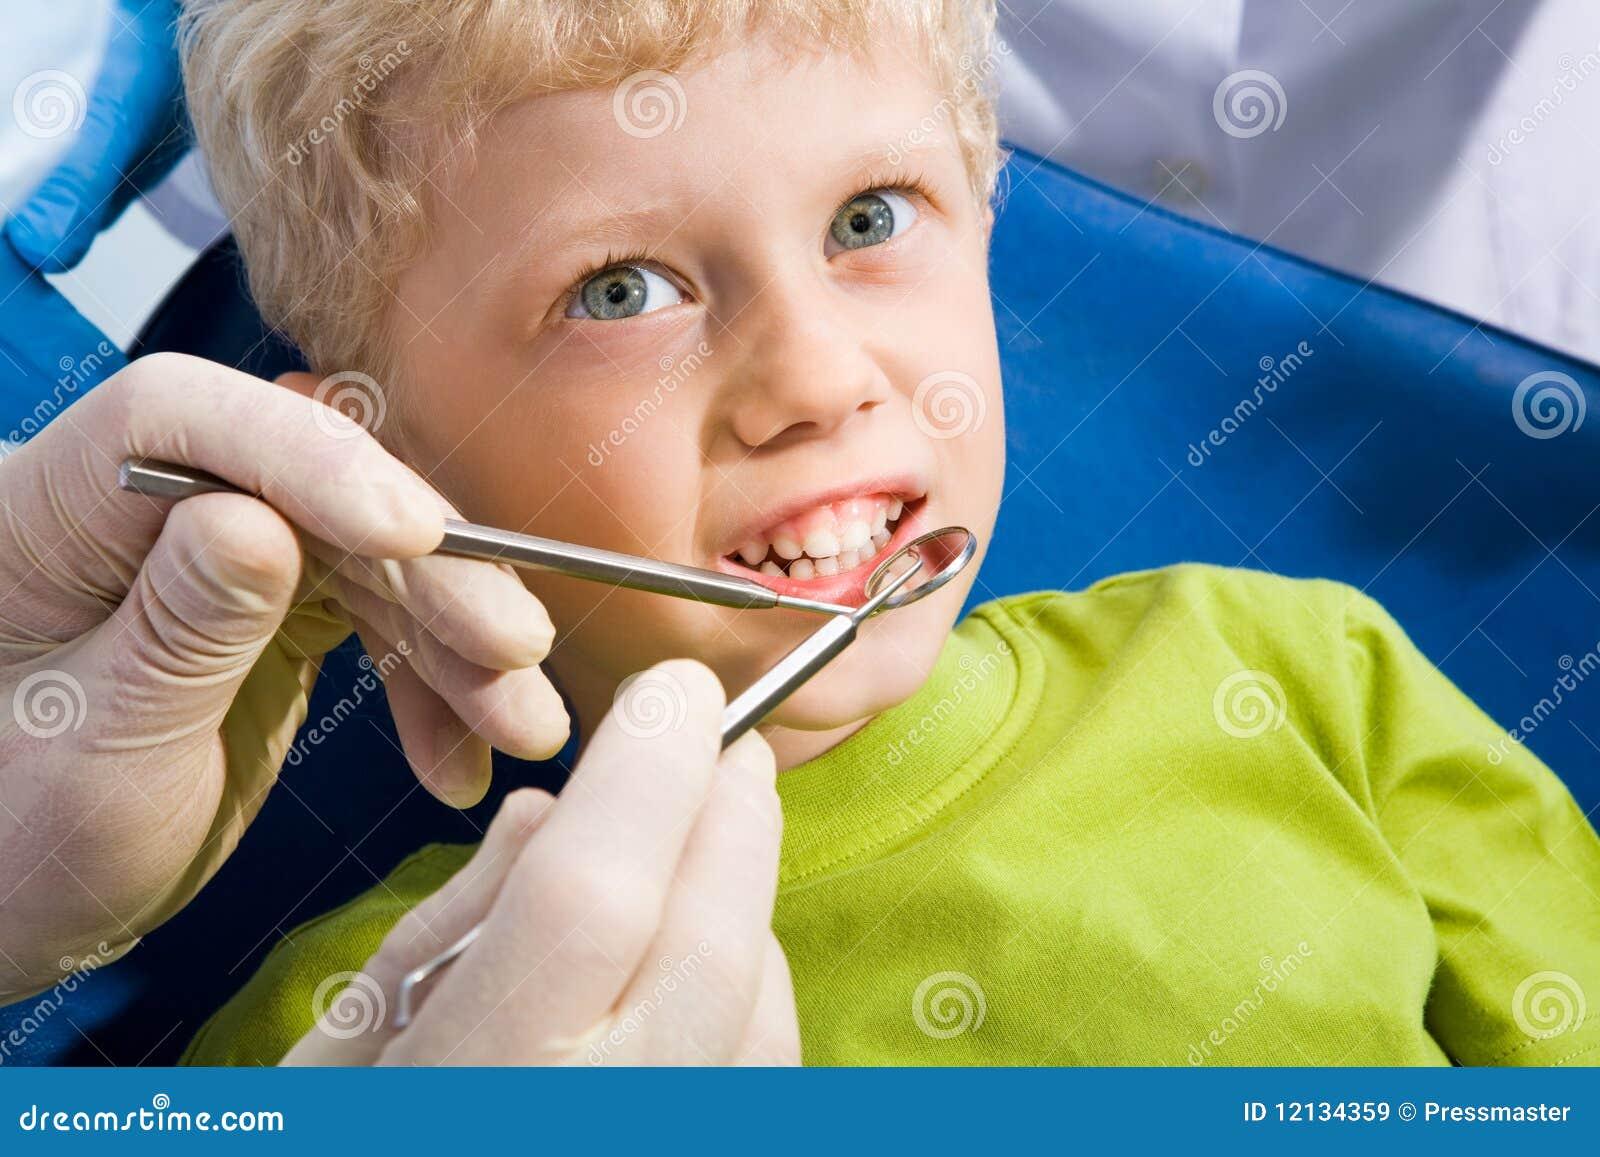 Demande de règlement dentaire